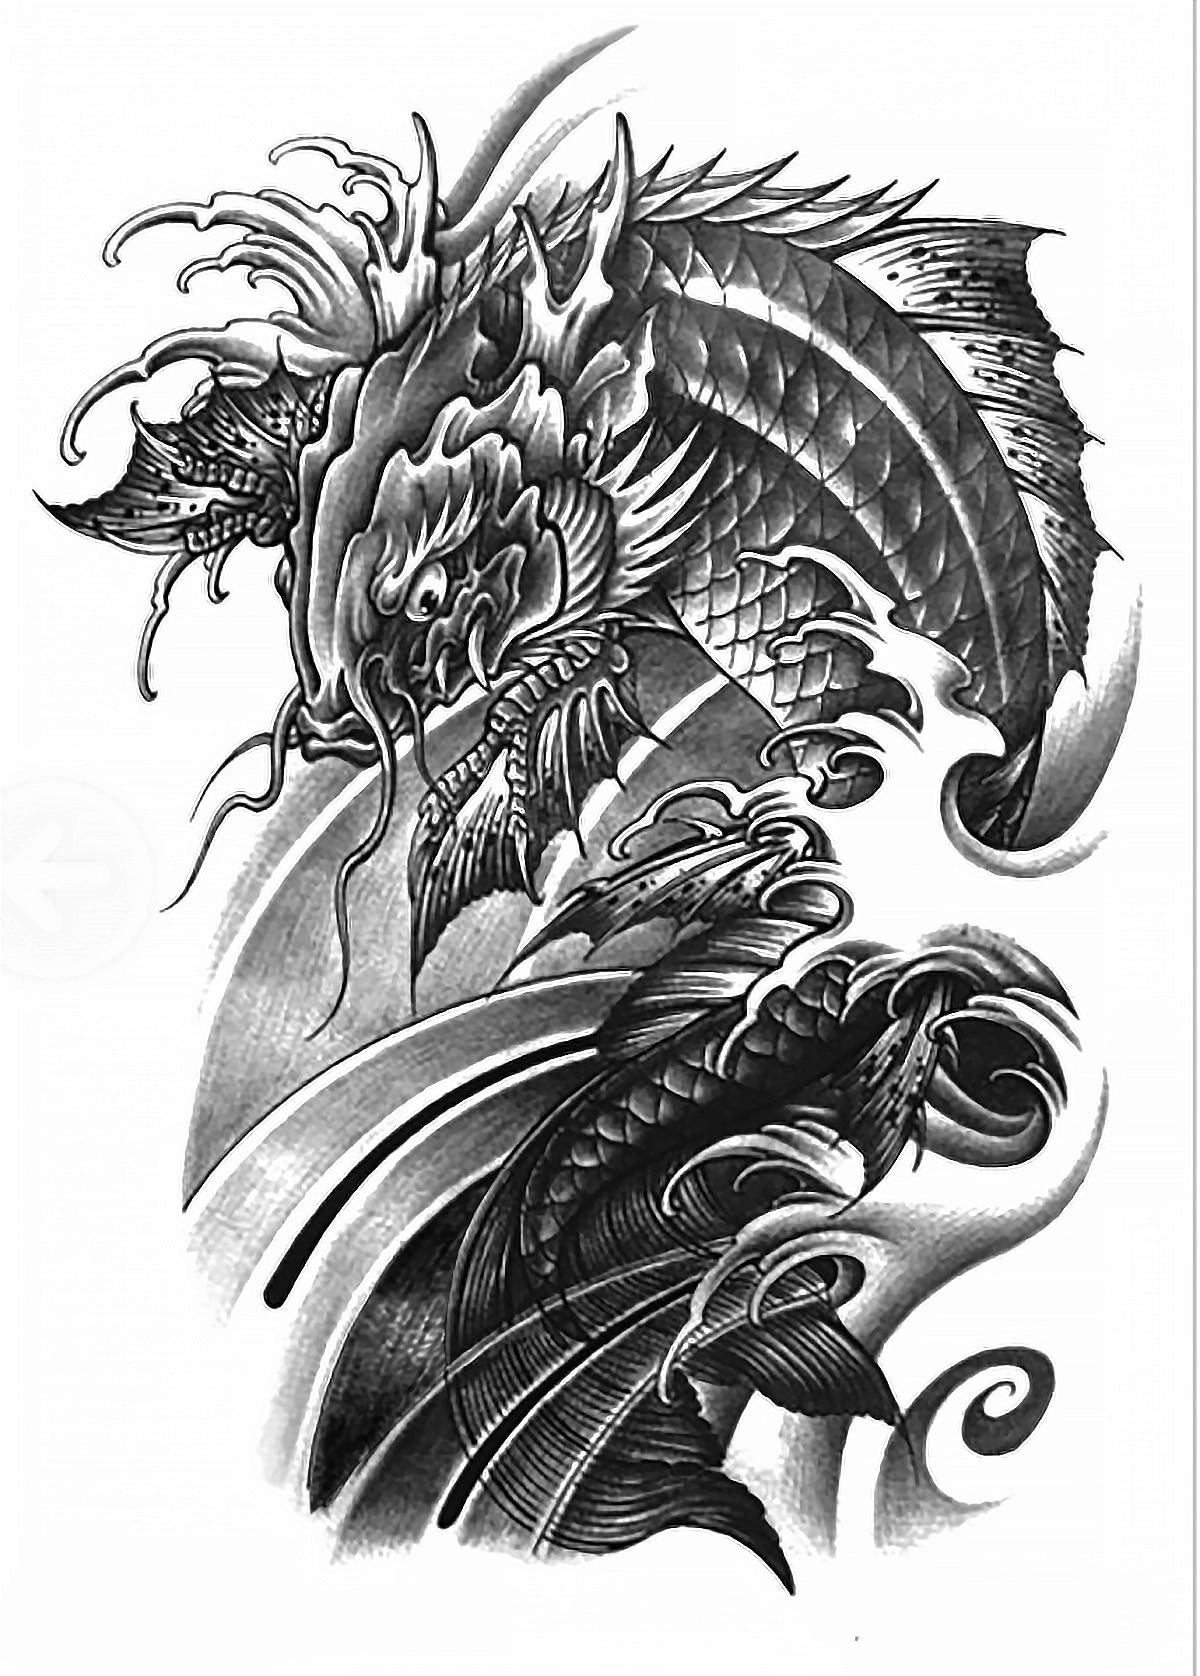 achetez en gros dragon de tatouage manches en ligne des grossistes dragon de tatouage manches. Black Bedroom Furniture Sets. Home Design Ideas